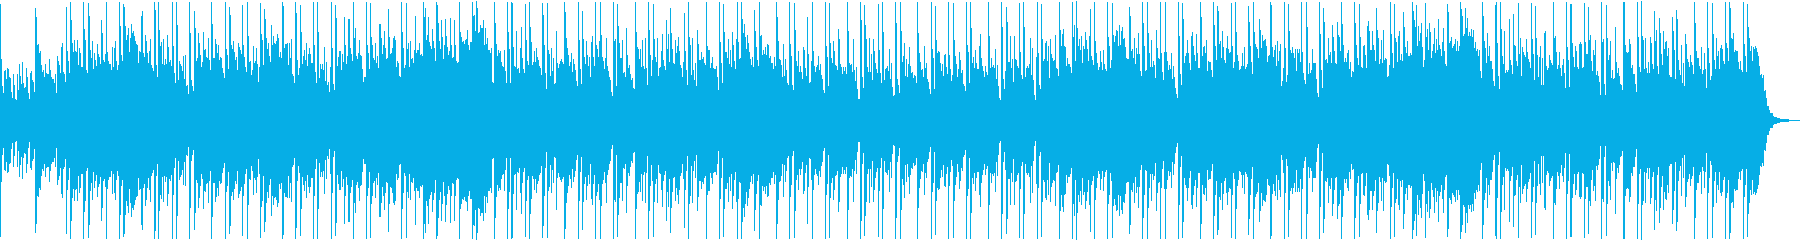 和楽器を使用したほのぼのインストの再生済みの波形